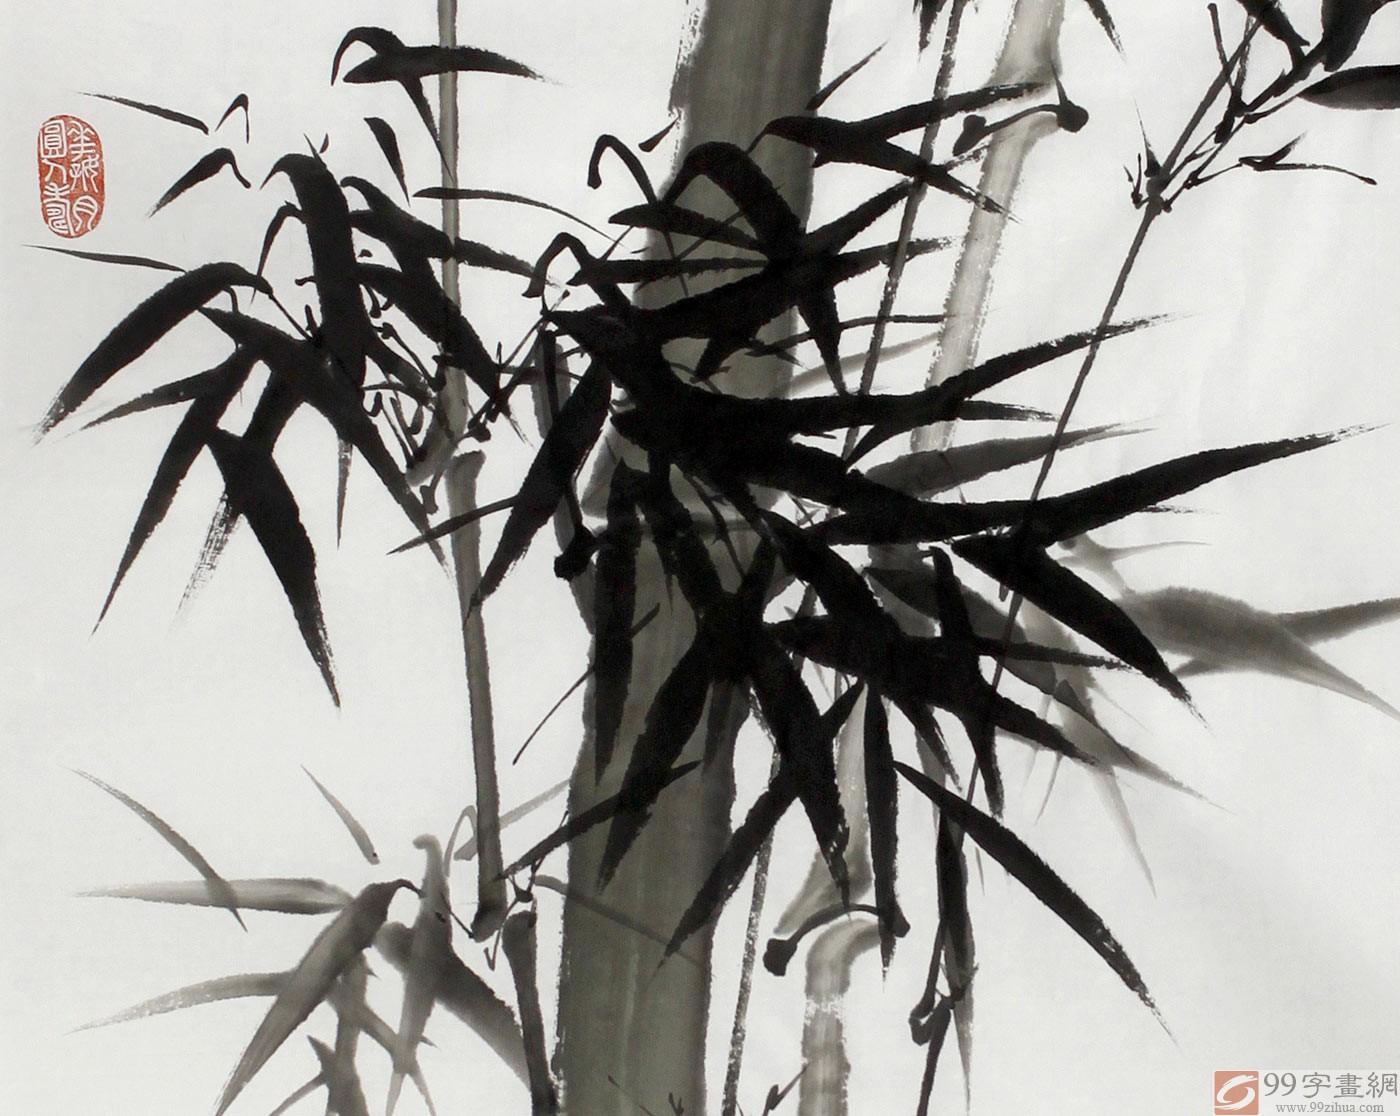 名人水墨写意竹子图 - 竹子画 - 99字画网